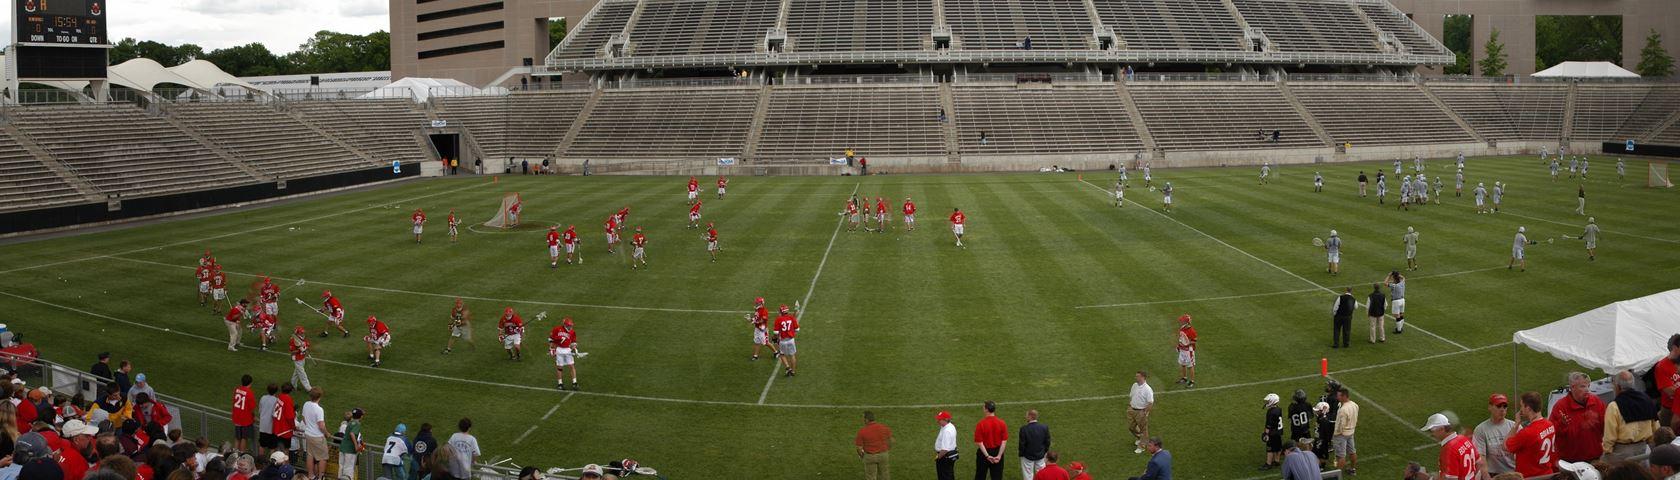 Cornell vs Duke Lacrosse